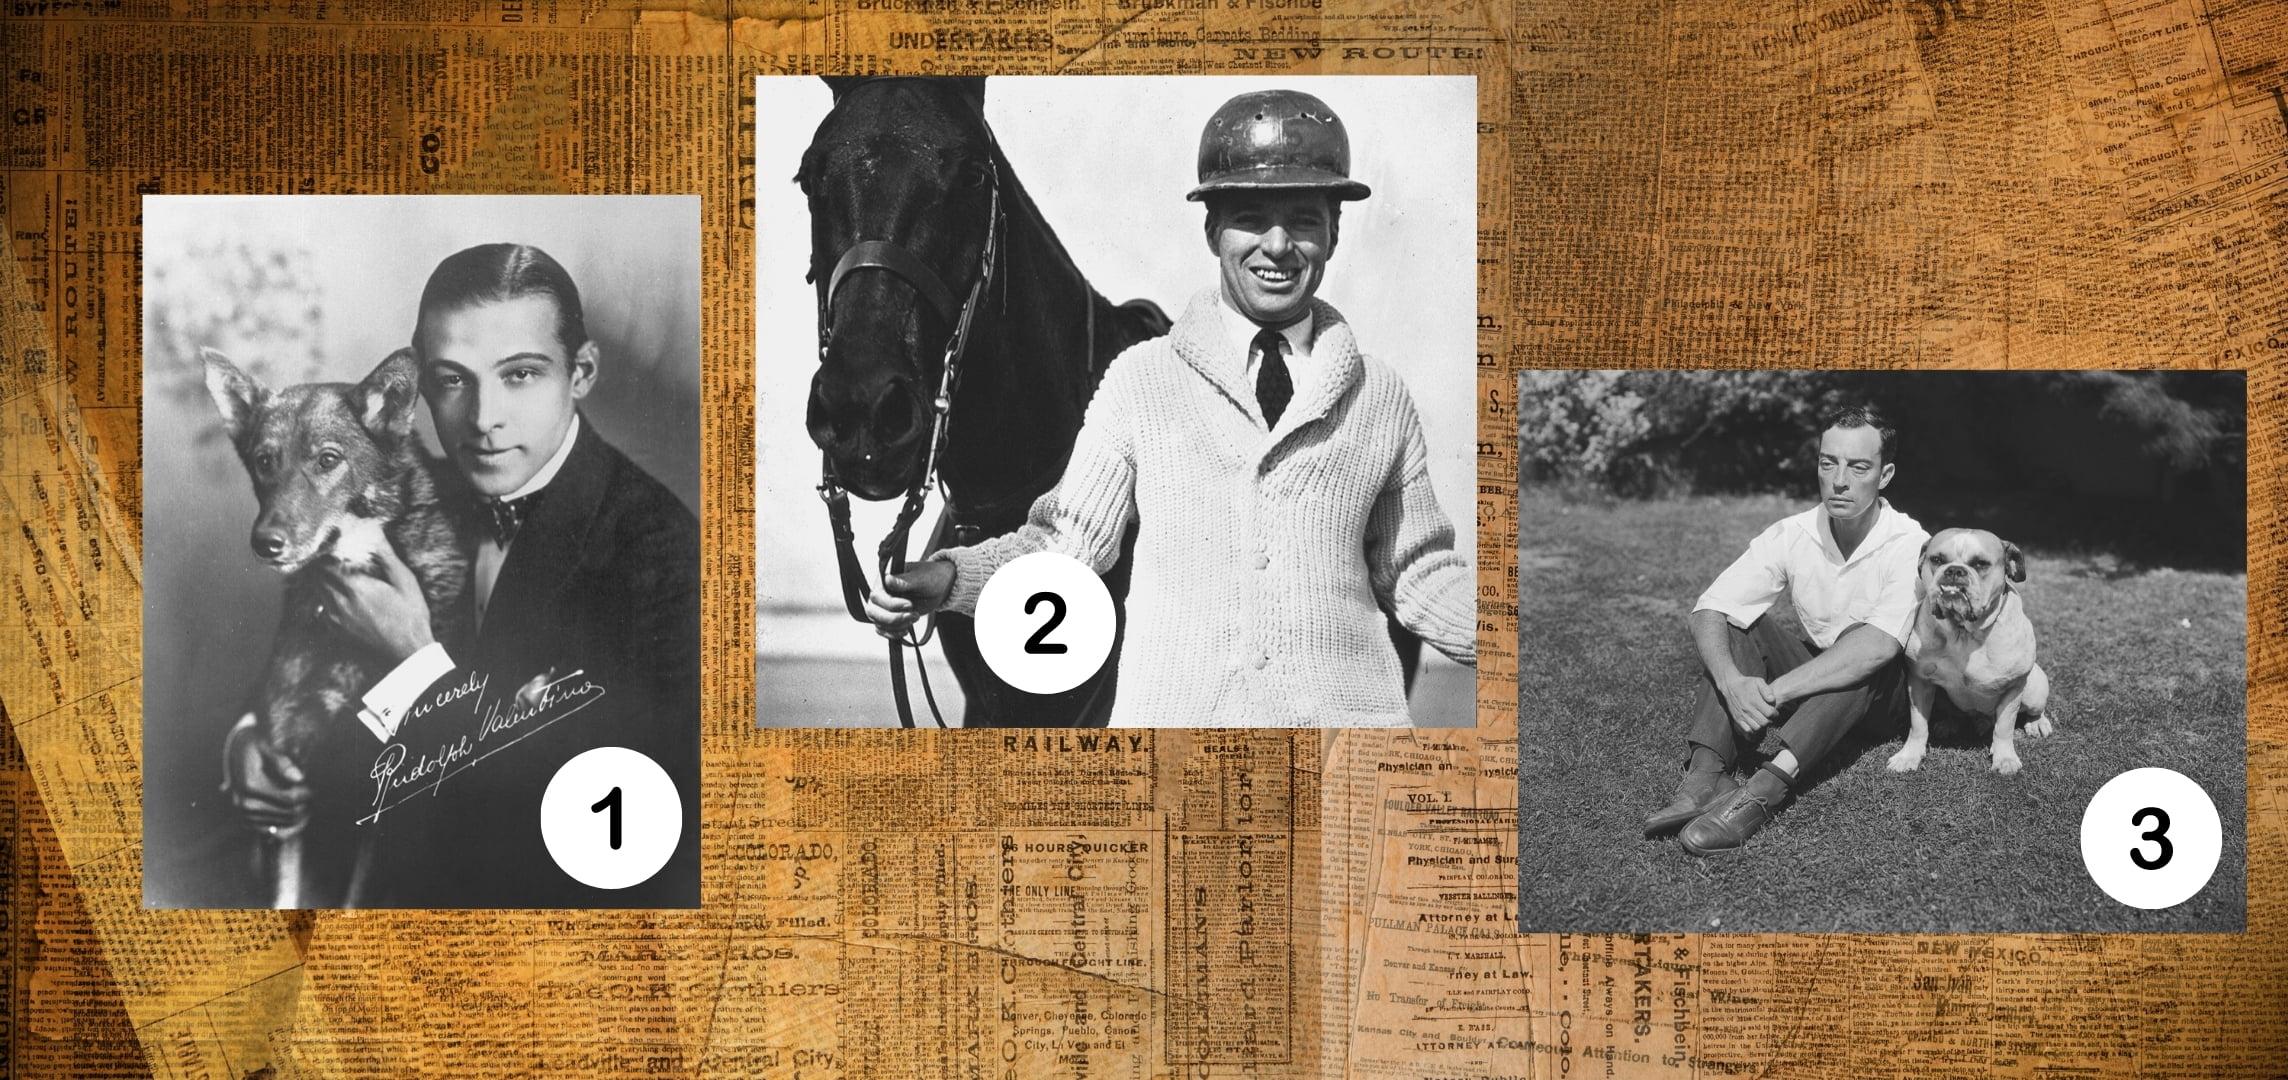 Numer 1 togładko zaczesany brunet zpsem. Numer 2 touśmiechnięty mężczyzna wswetrze trzymający zauzdę konia. Numer trzy tomężczyzana opociągłej twarzy iwielkich oczach.